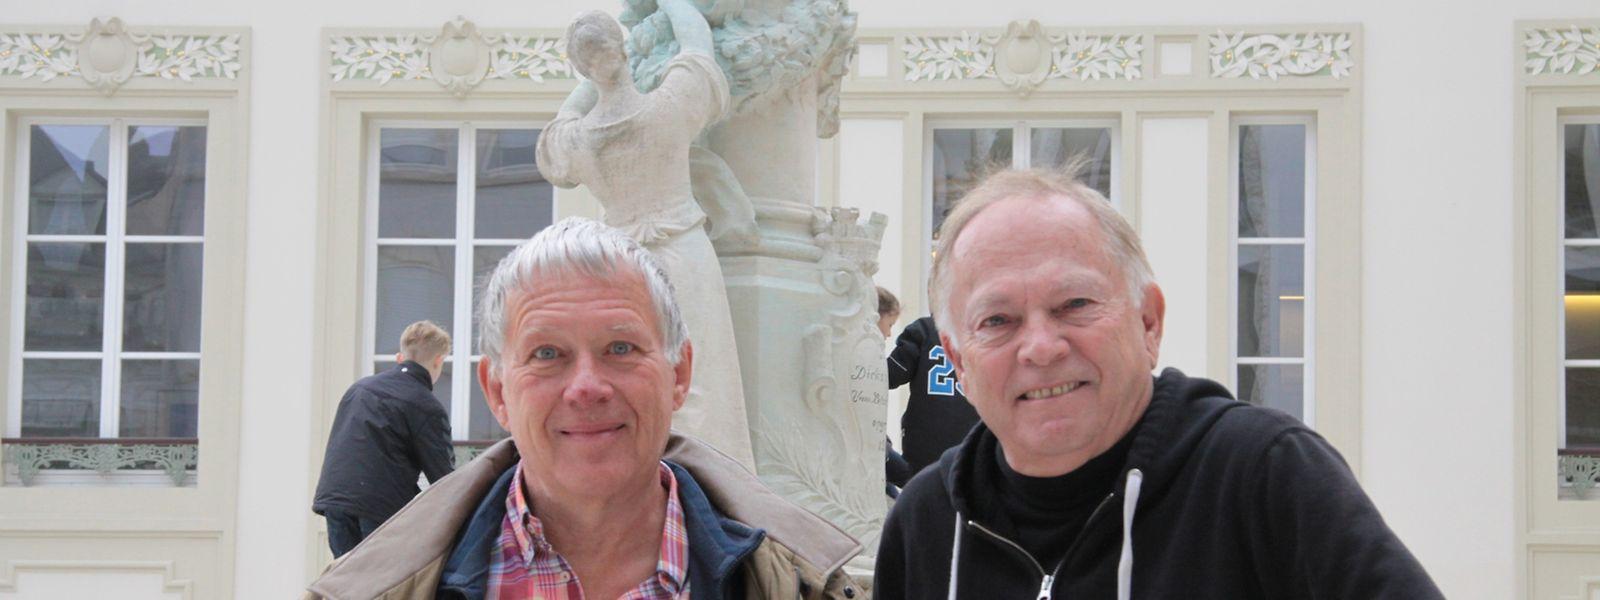 Die Cousins Reggie Lecorsais (l.) und Ken Stiles haben sich nun erst kennengelernt.